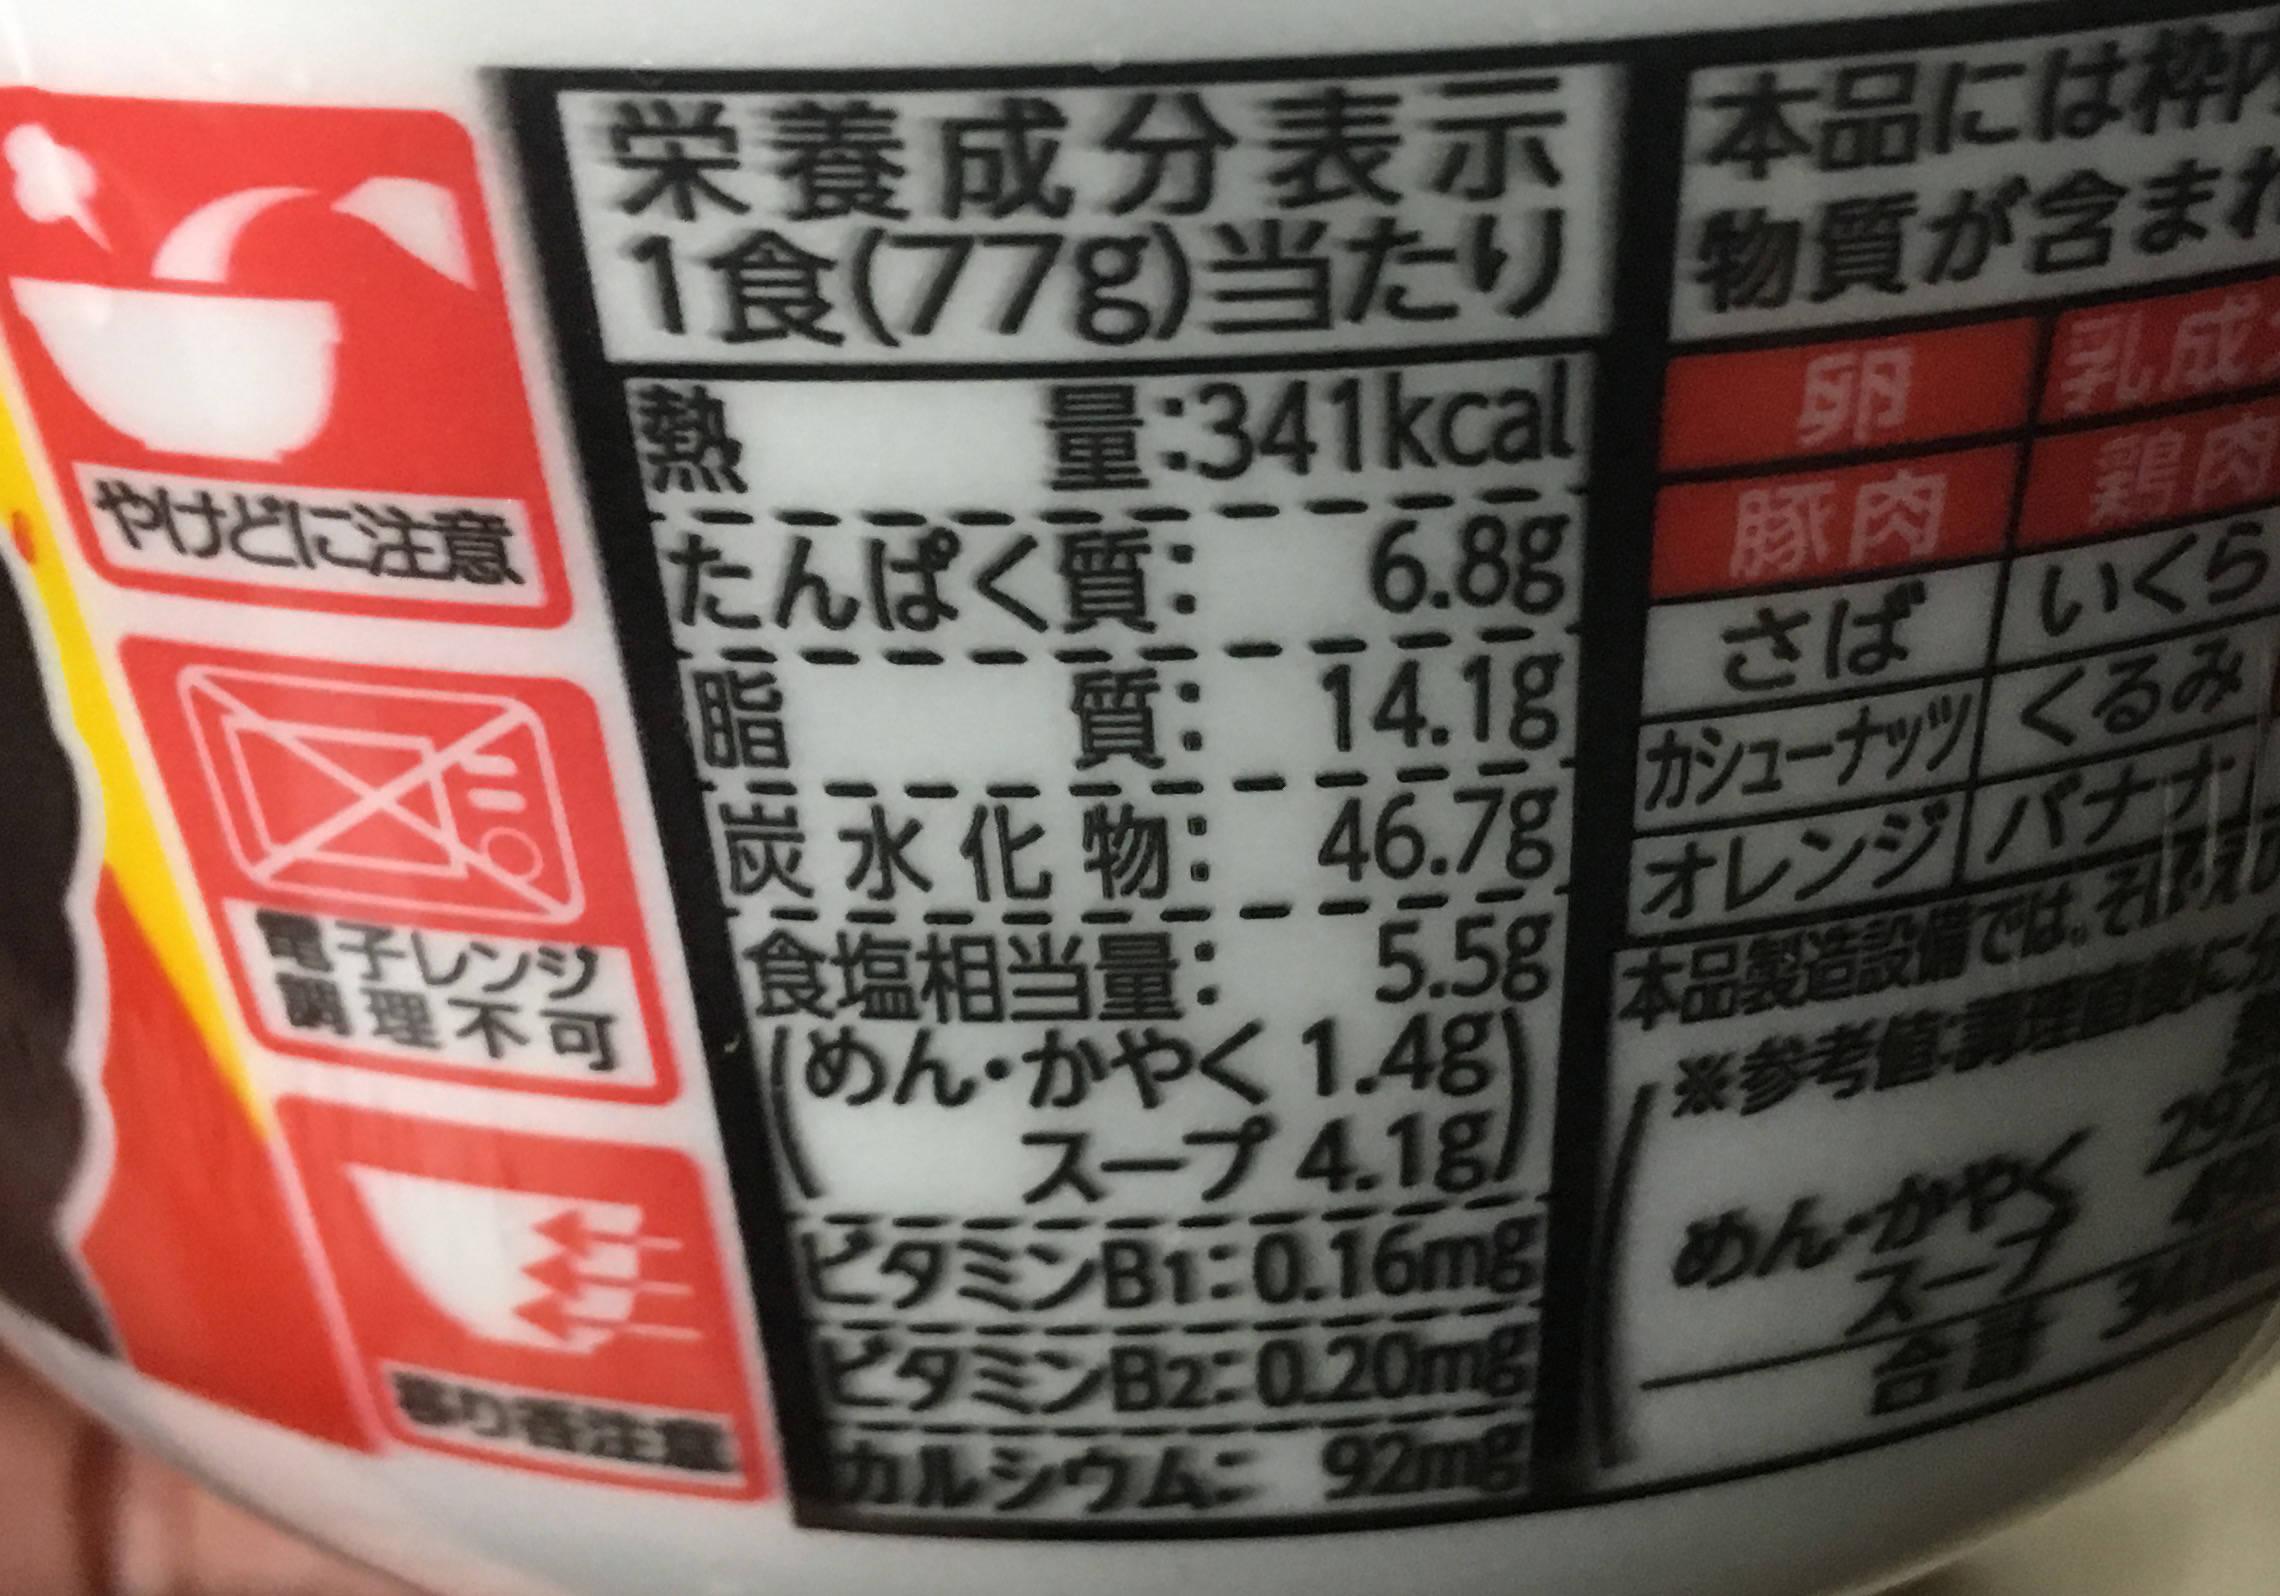 チャルメラの宮崎辛麺 カップラーメン